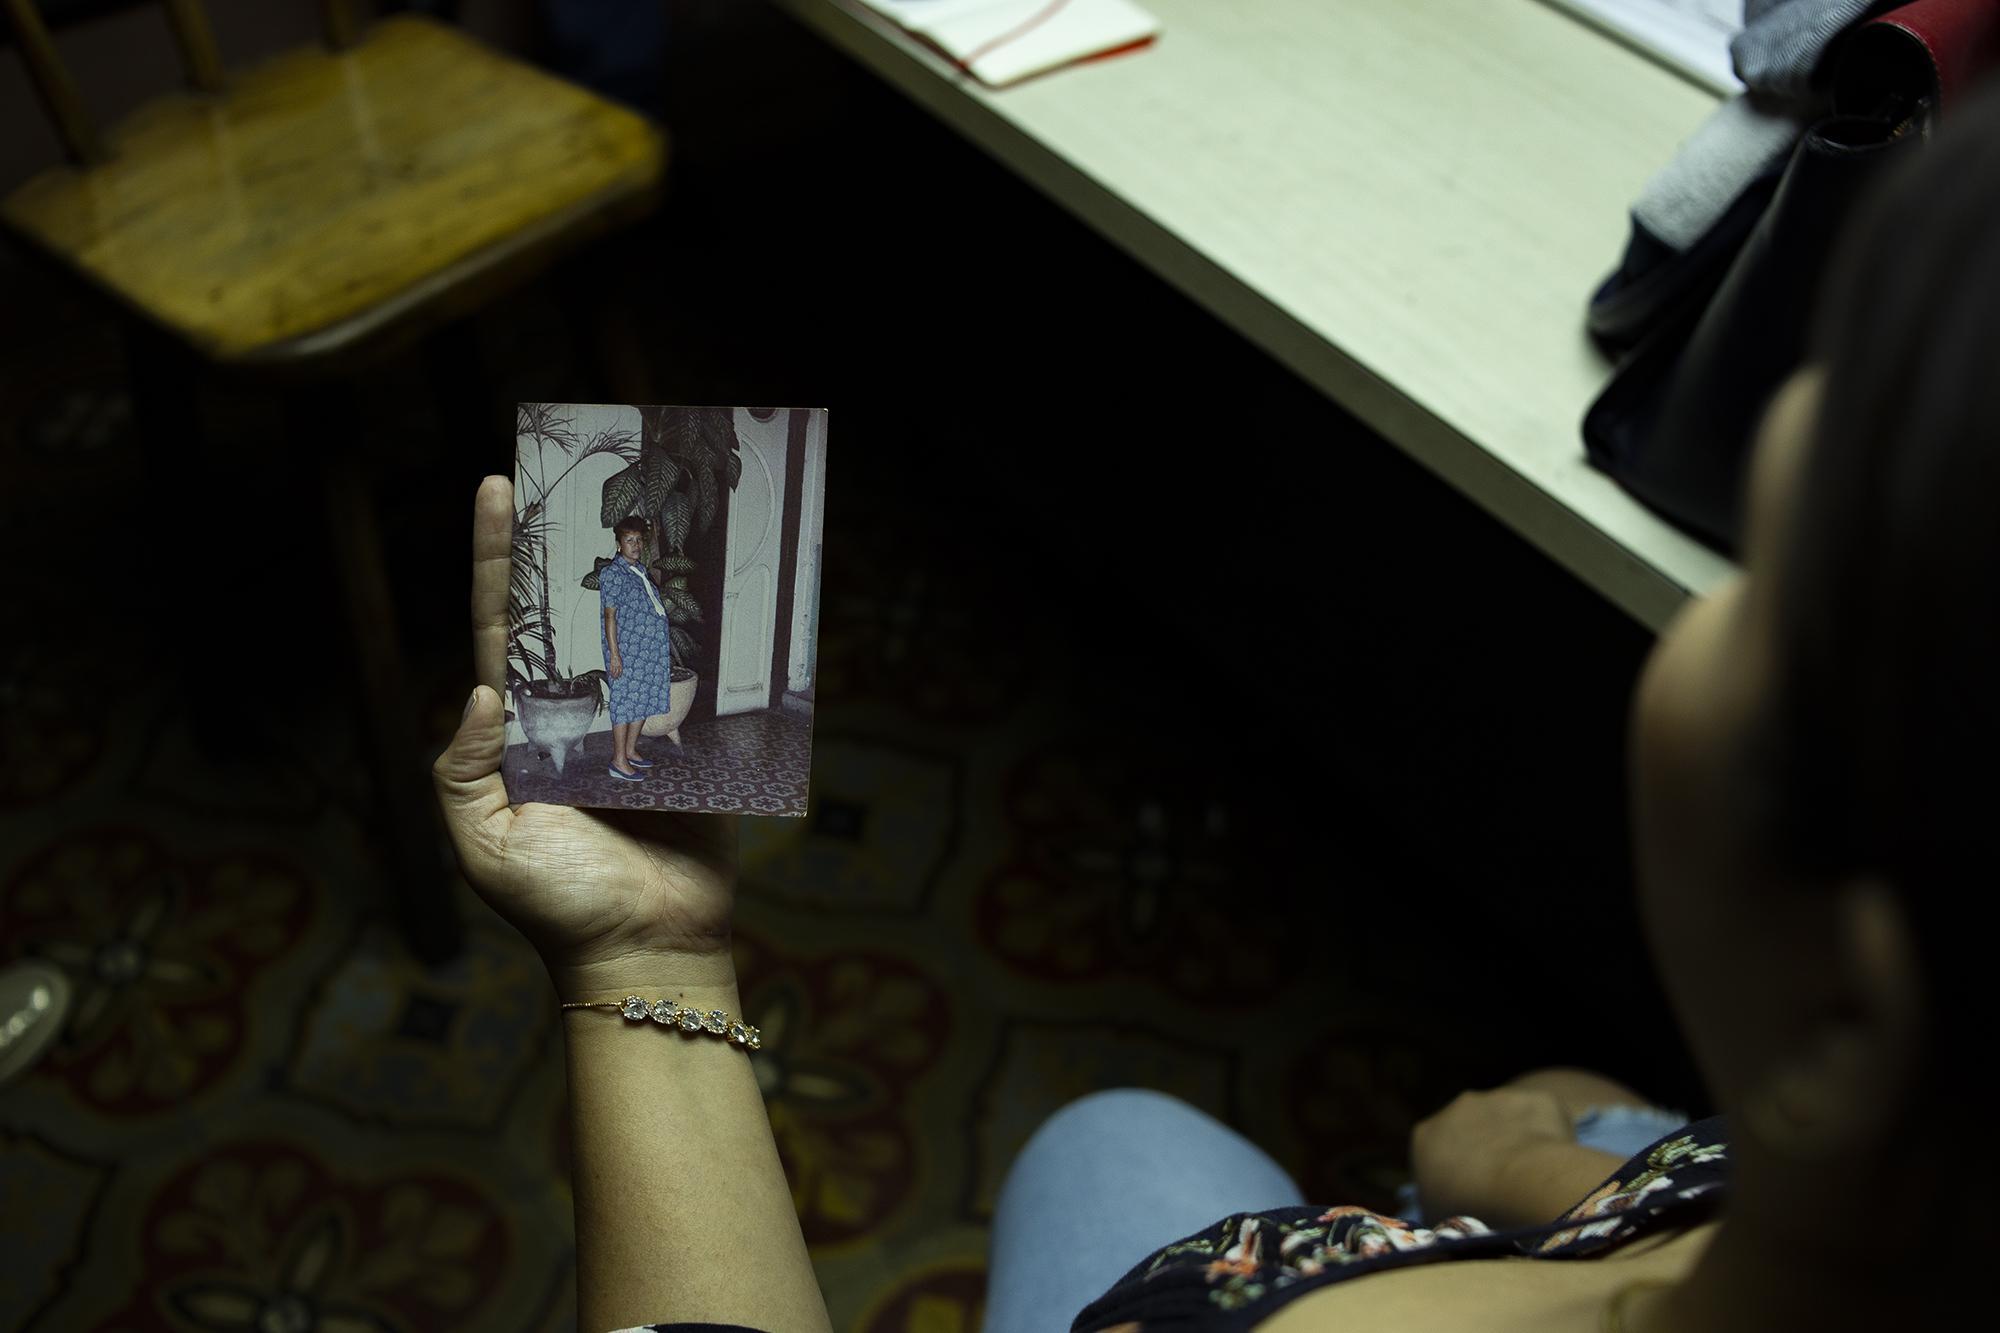 Carla Barrios muestra una fotografía de su madre mientras explica la época en la que ellos vivieron en el club. Nunca ha sentido vergüenza del lugar de trabajo de su papá, pero prefiere no dar la cara por motivos de seguridad.